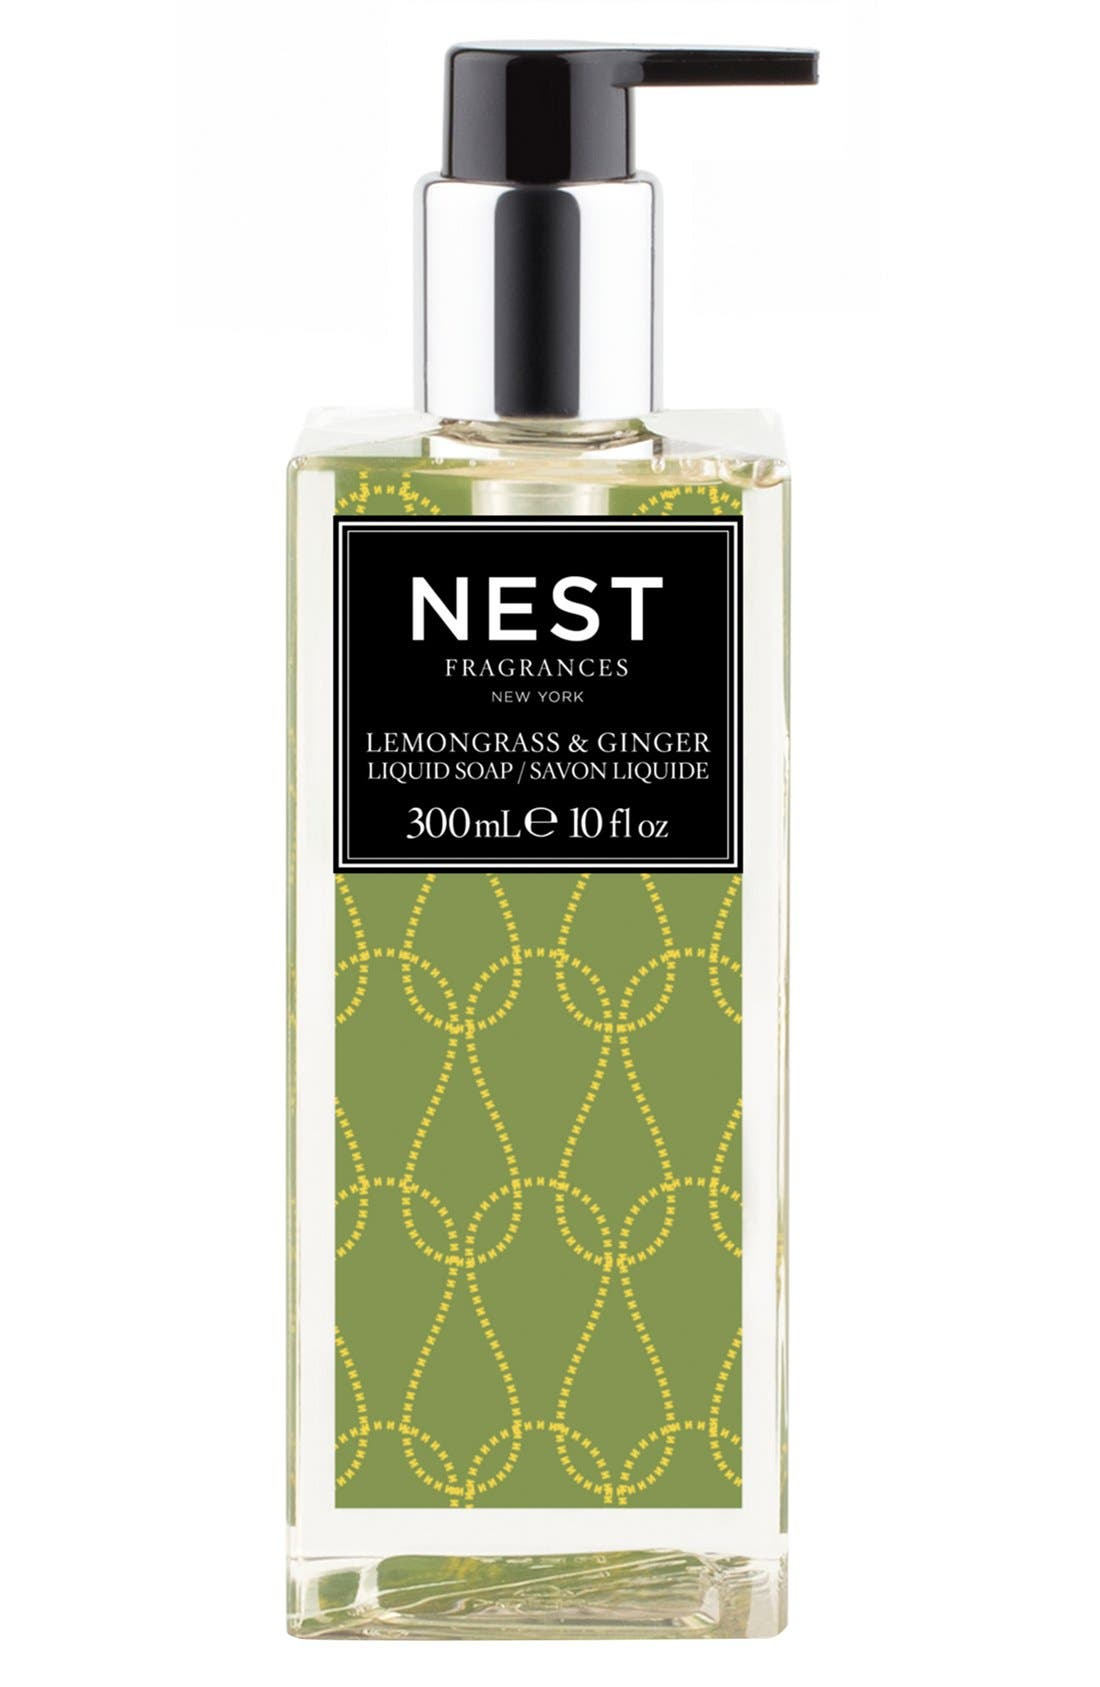 NEST Fragrances 'Lemongrass & Ginger' Liquid Soap